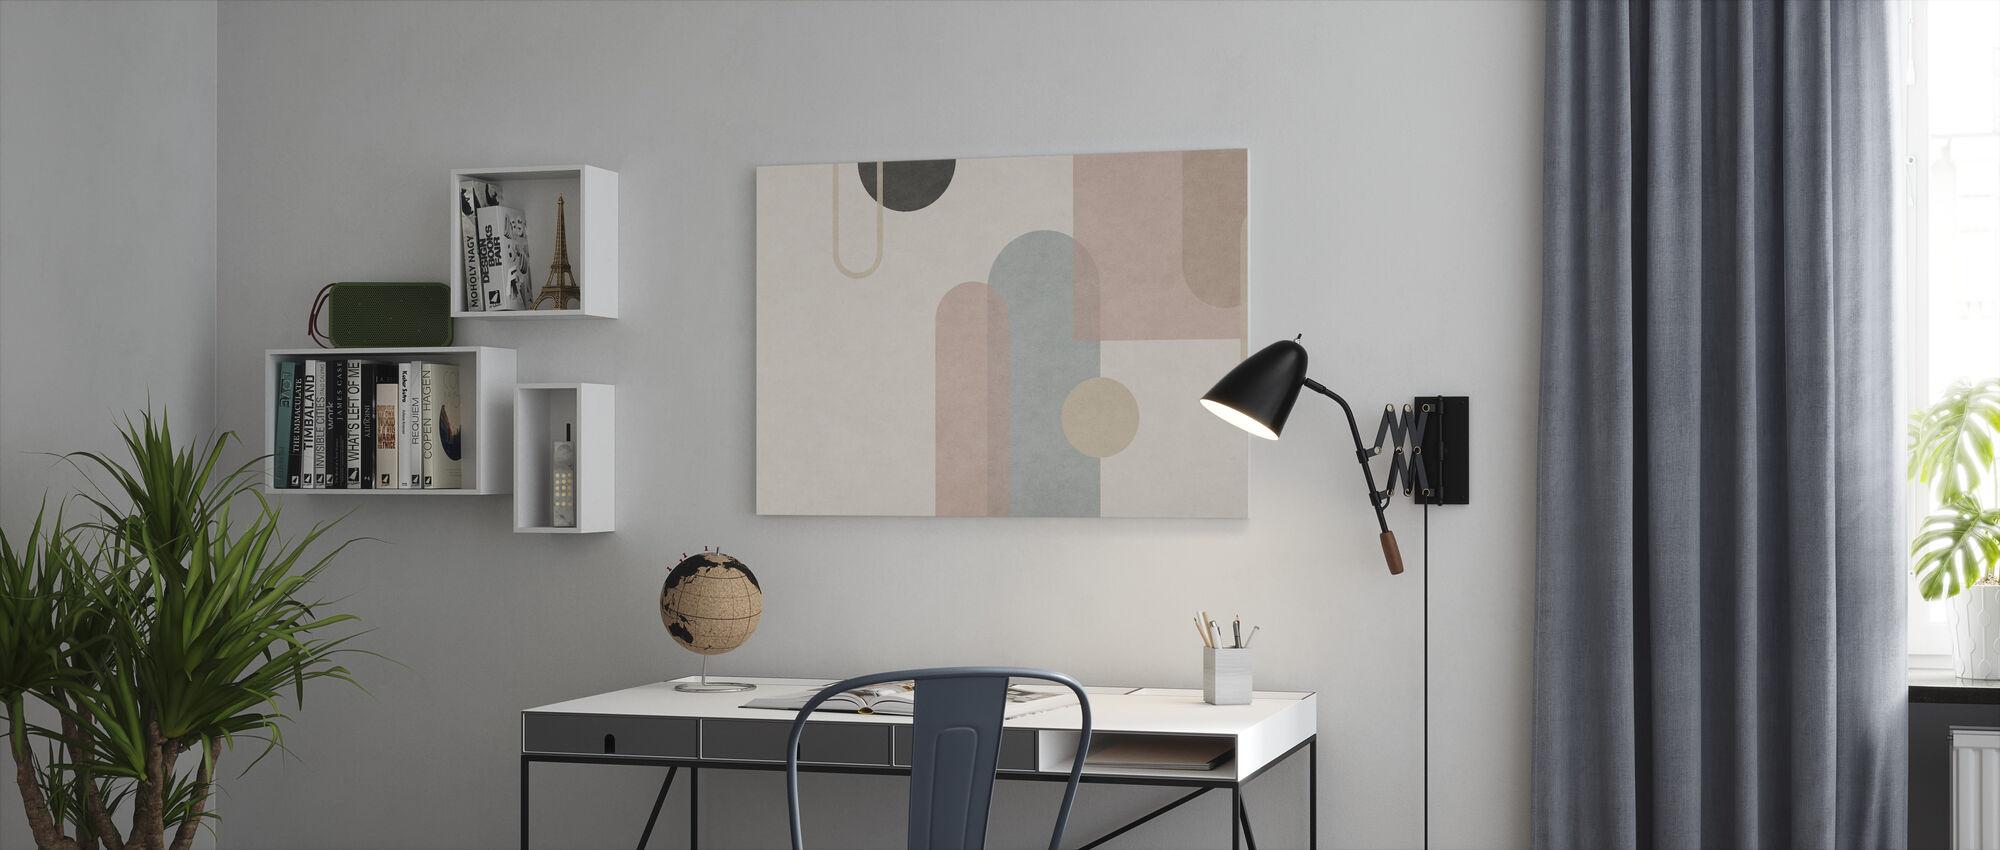 Organische Vorming - Canvas print - Kantoor